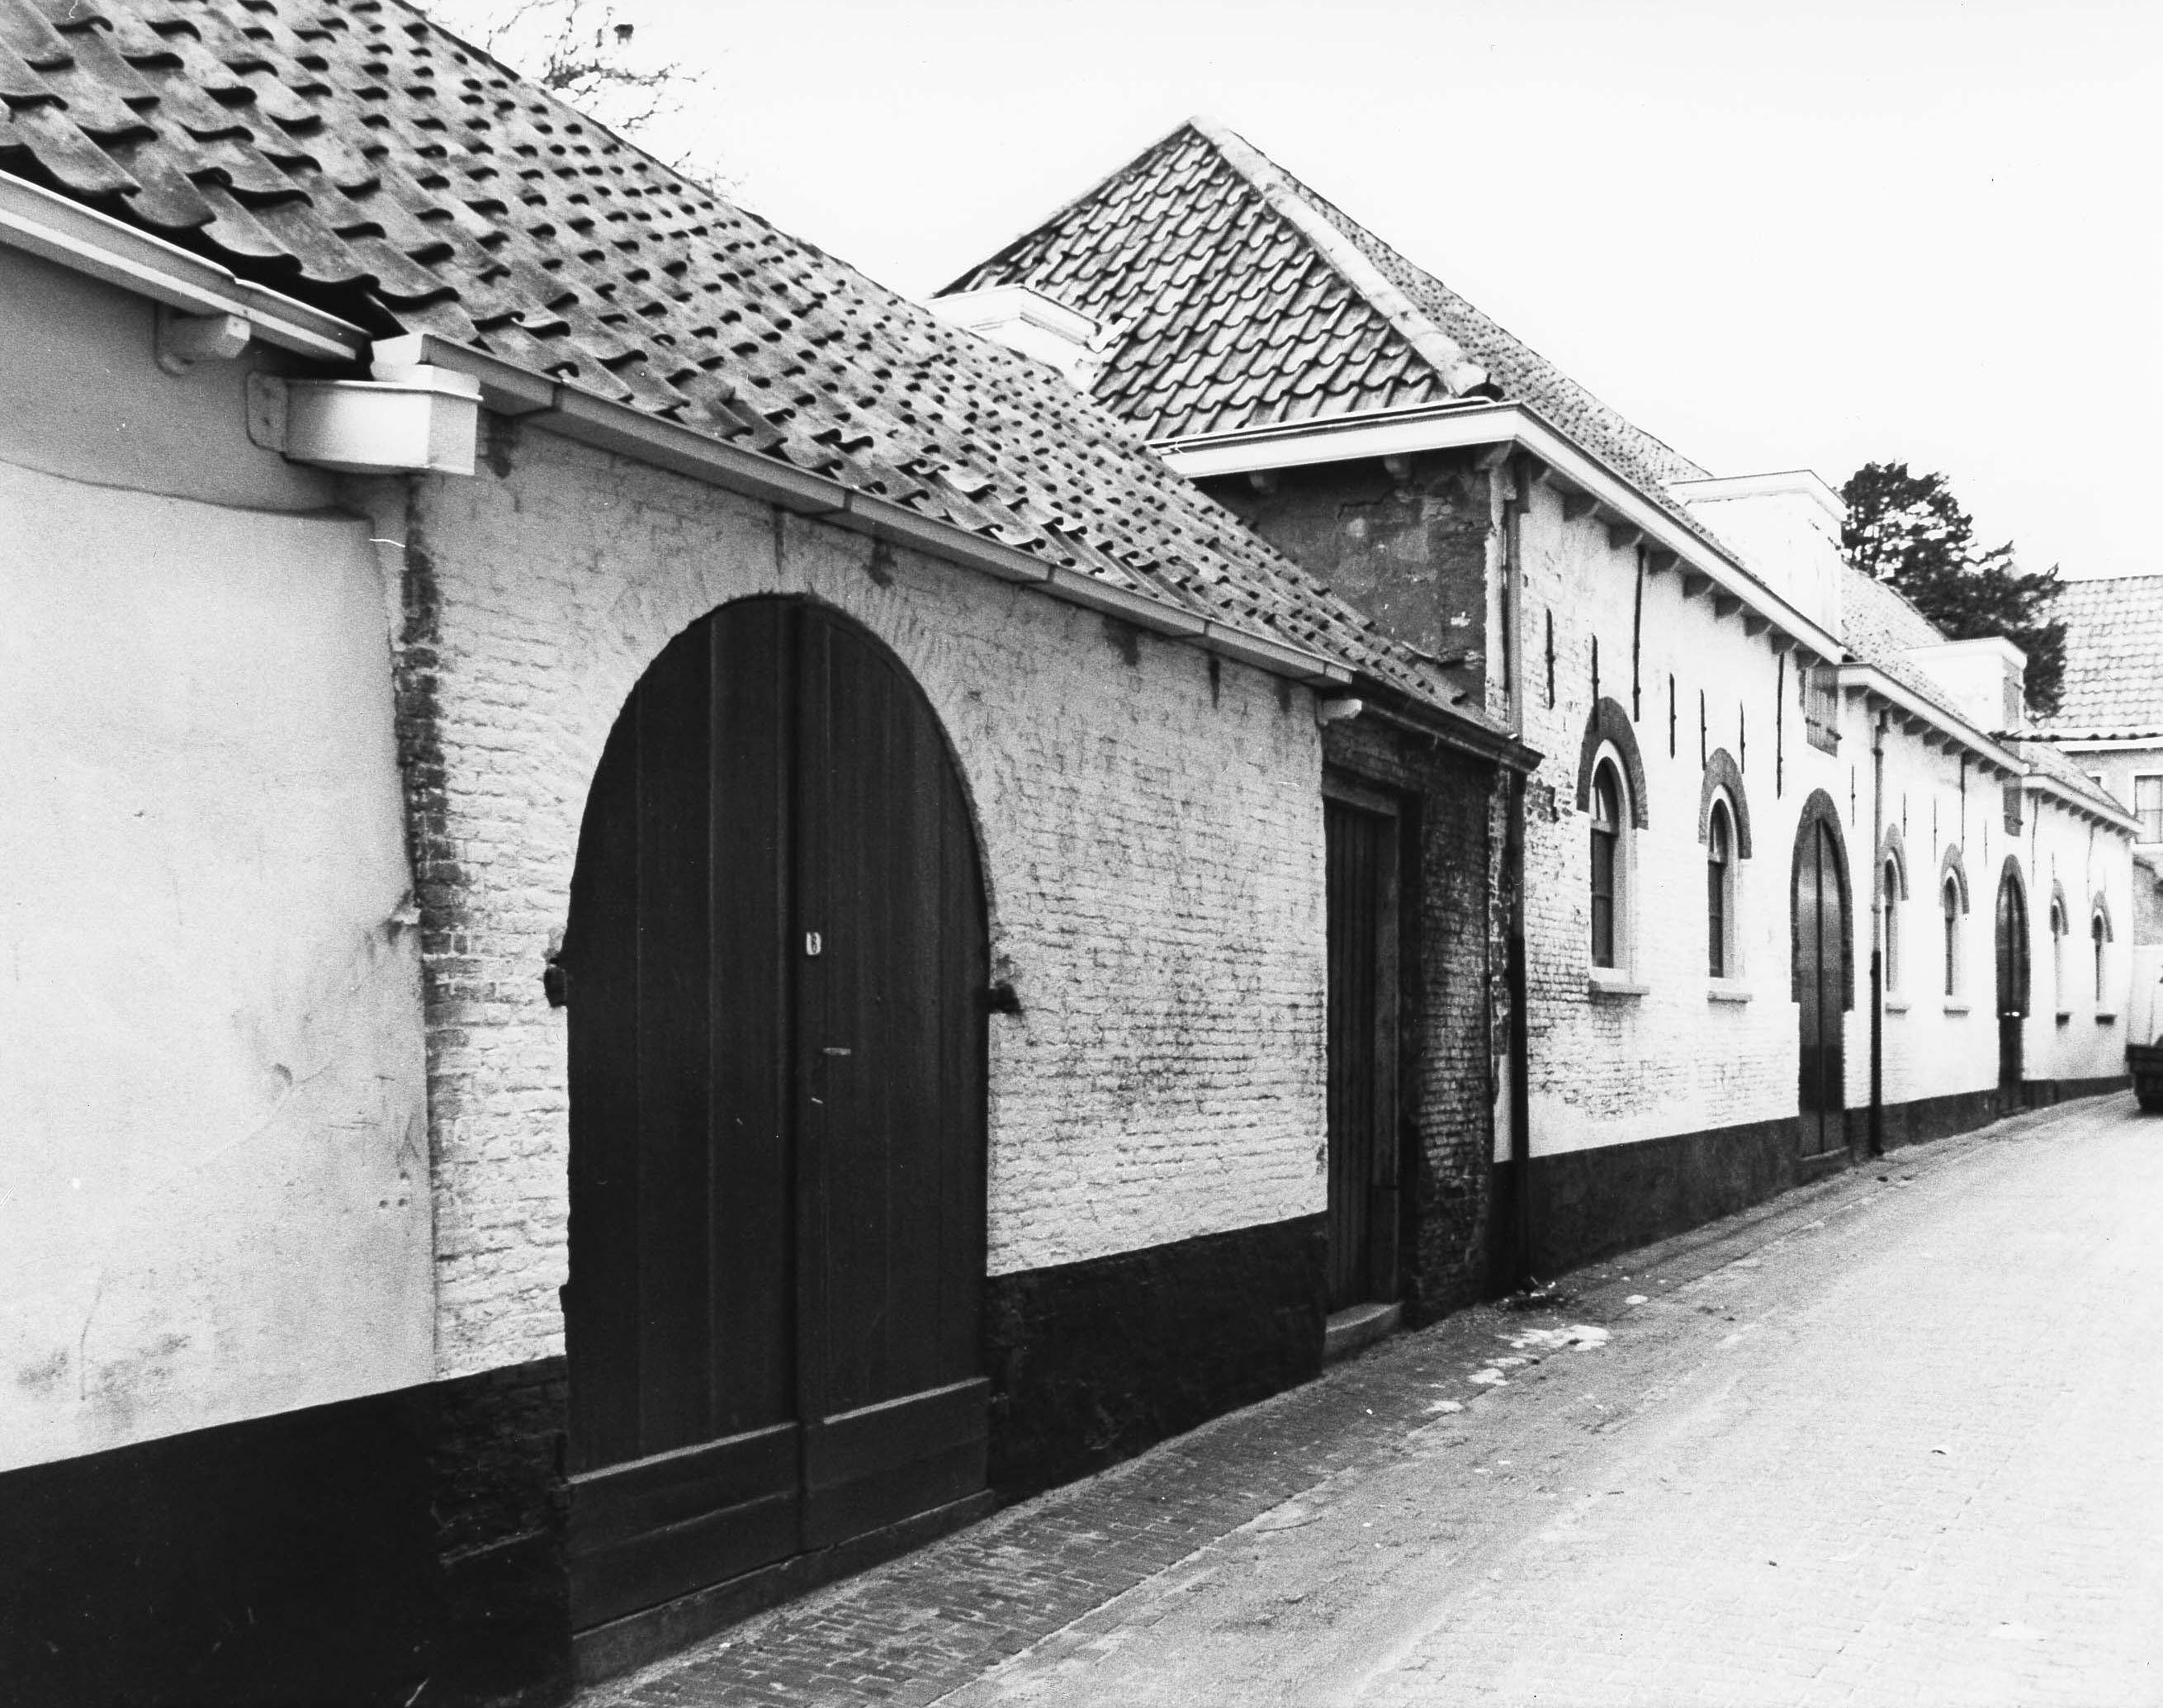 De eerste bedrijfspanden aan de Witte IJestraat in 1979. (Gemeentearchief Schouwen-Duiveland, foto J.D.C. Berrevoets)